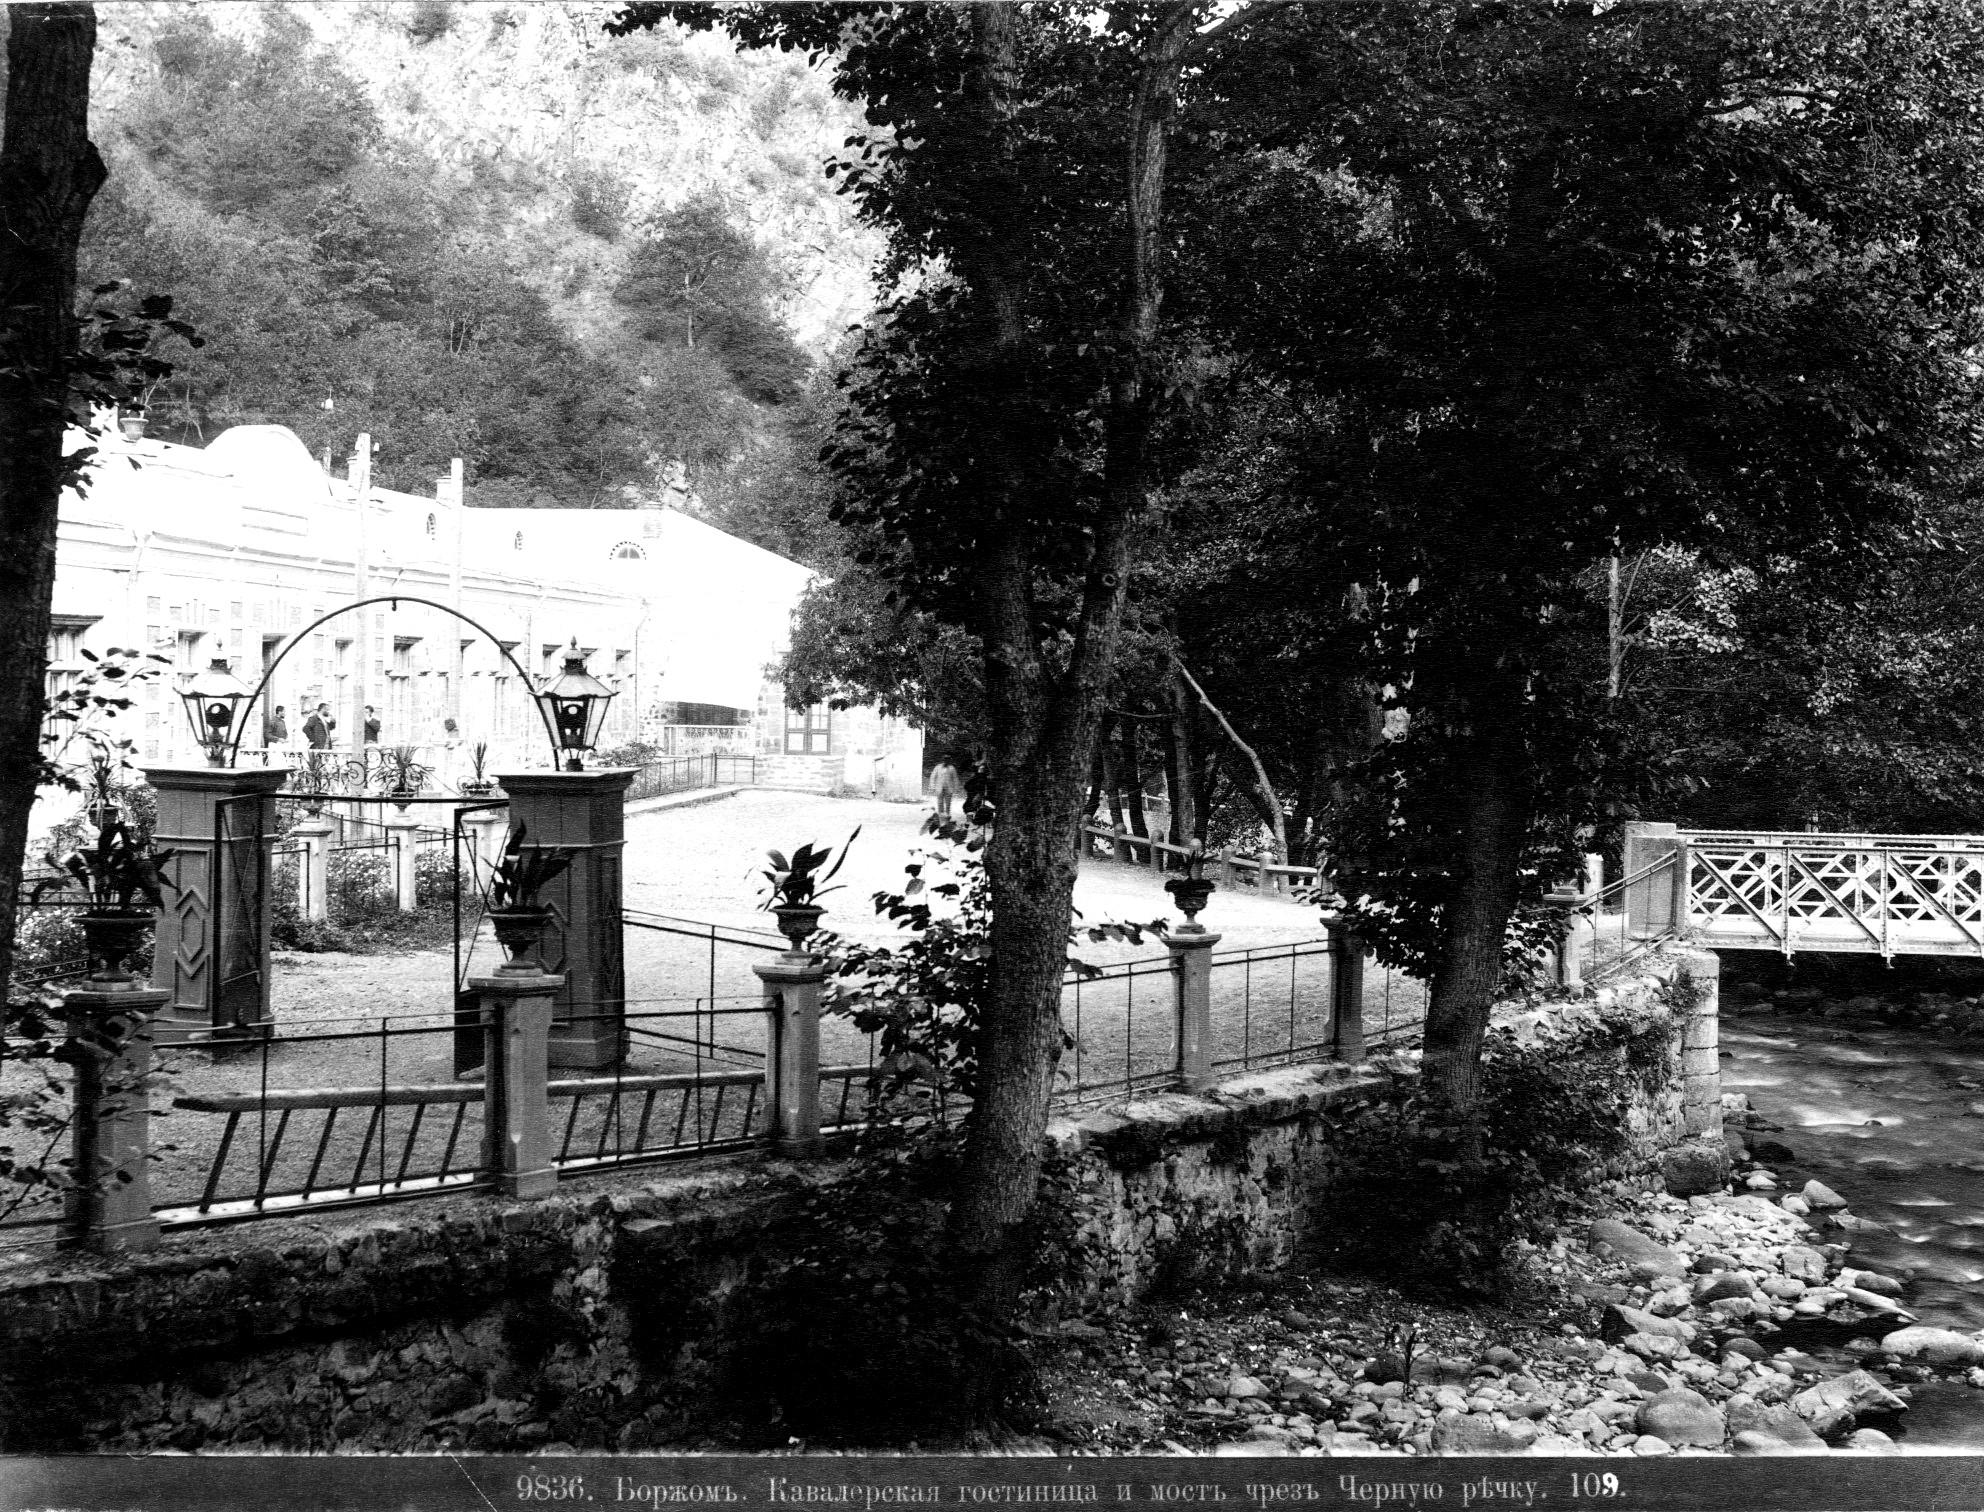 Кавалерская гостиница и мост через Чёрную речку